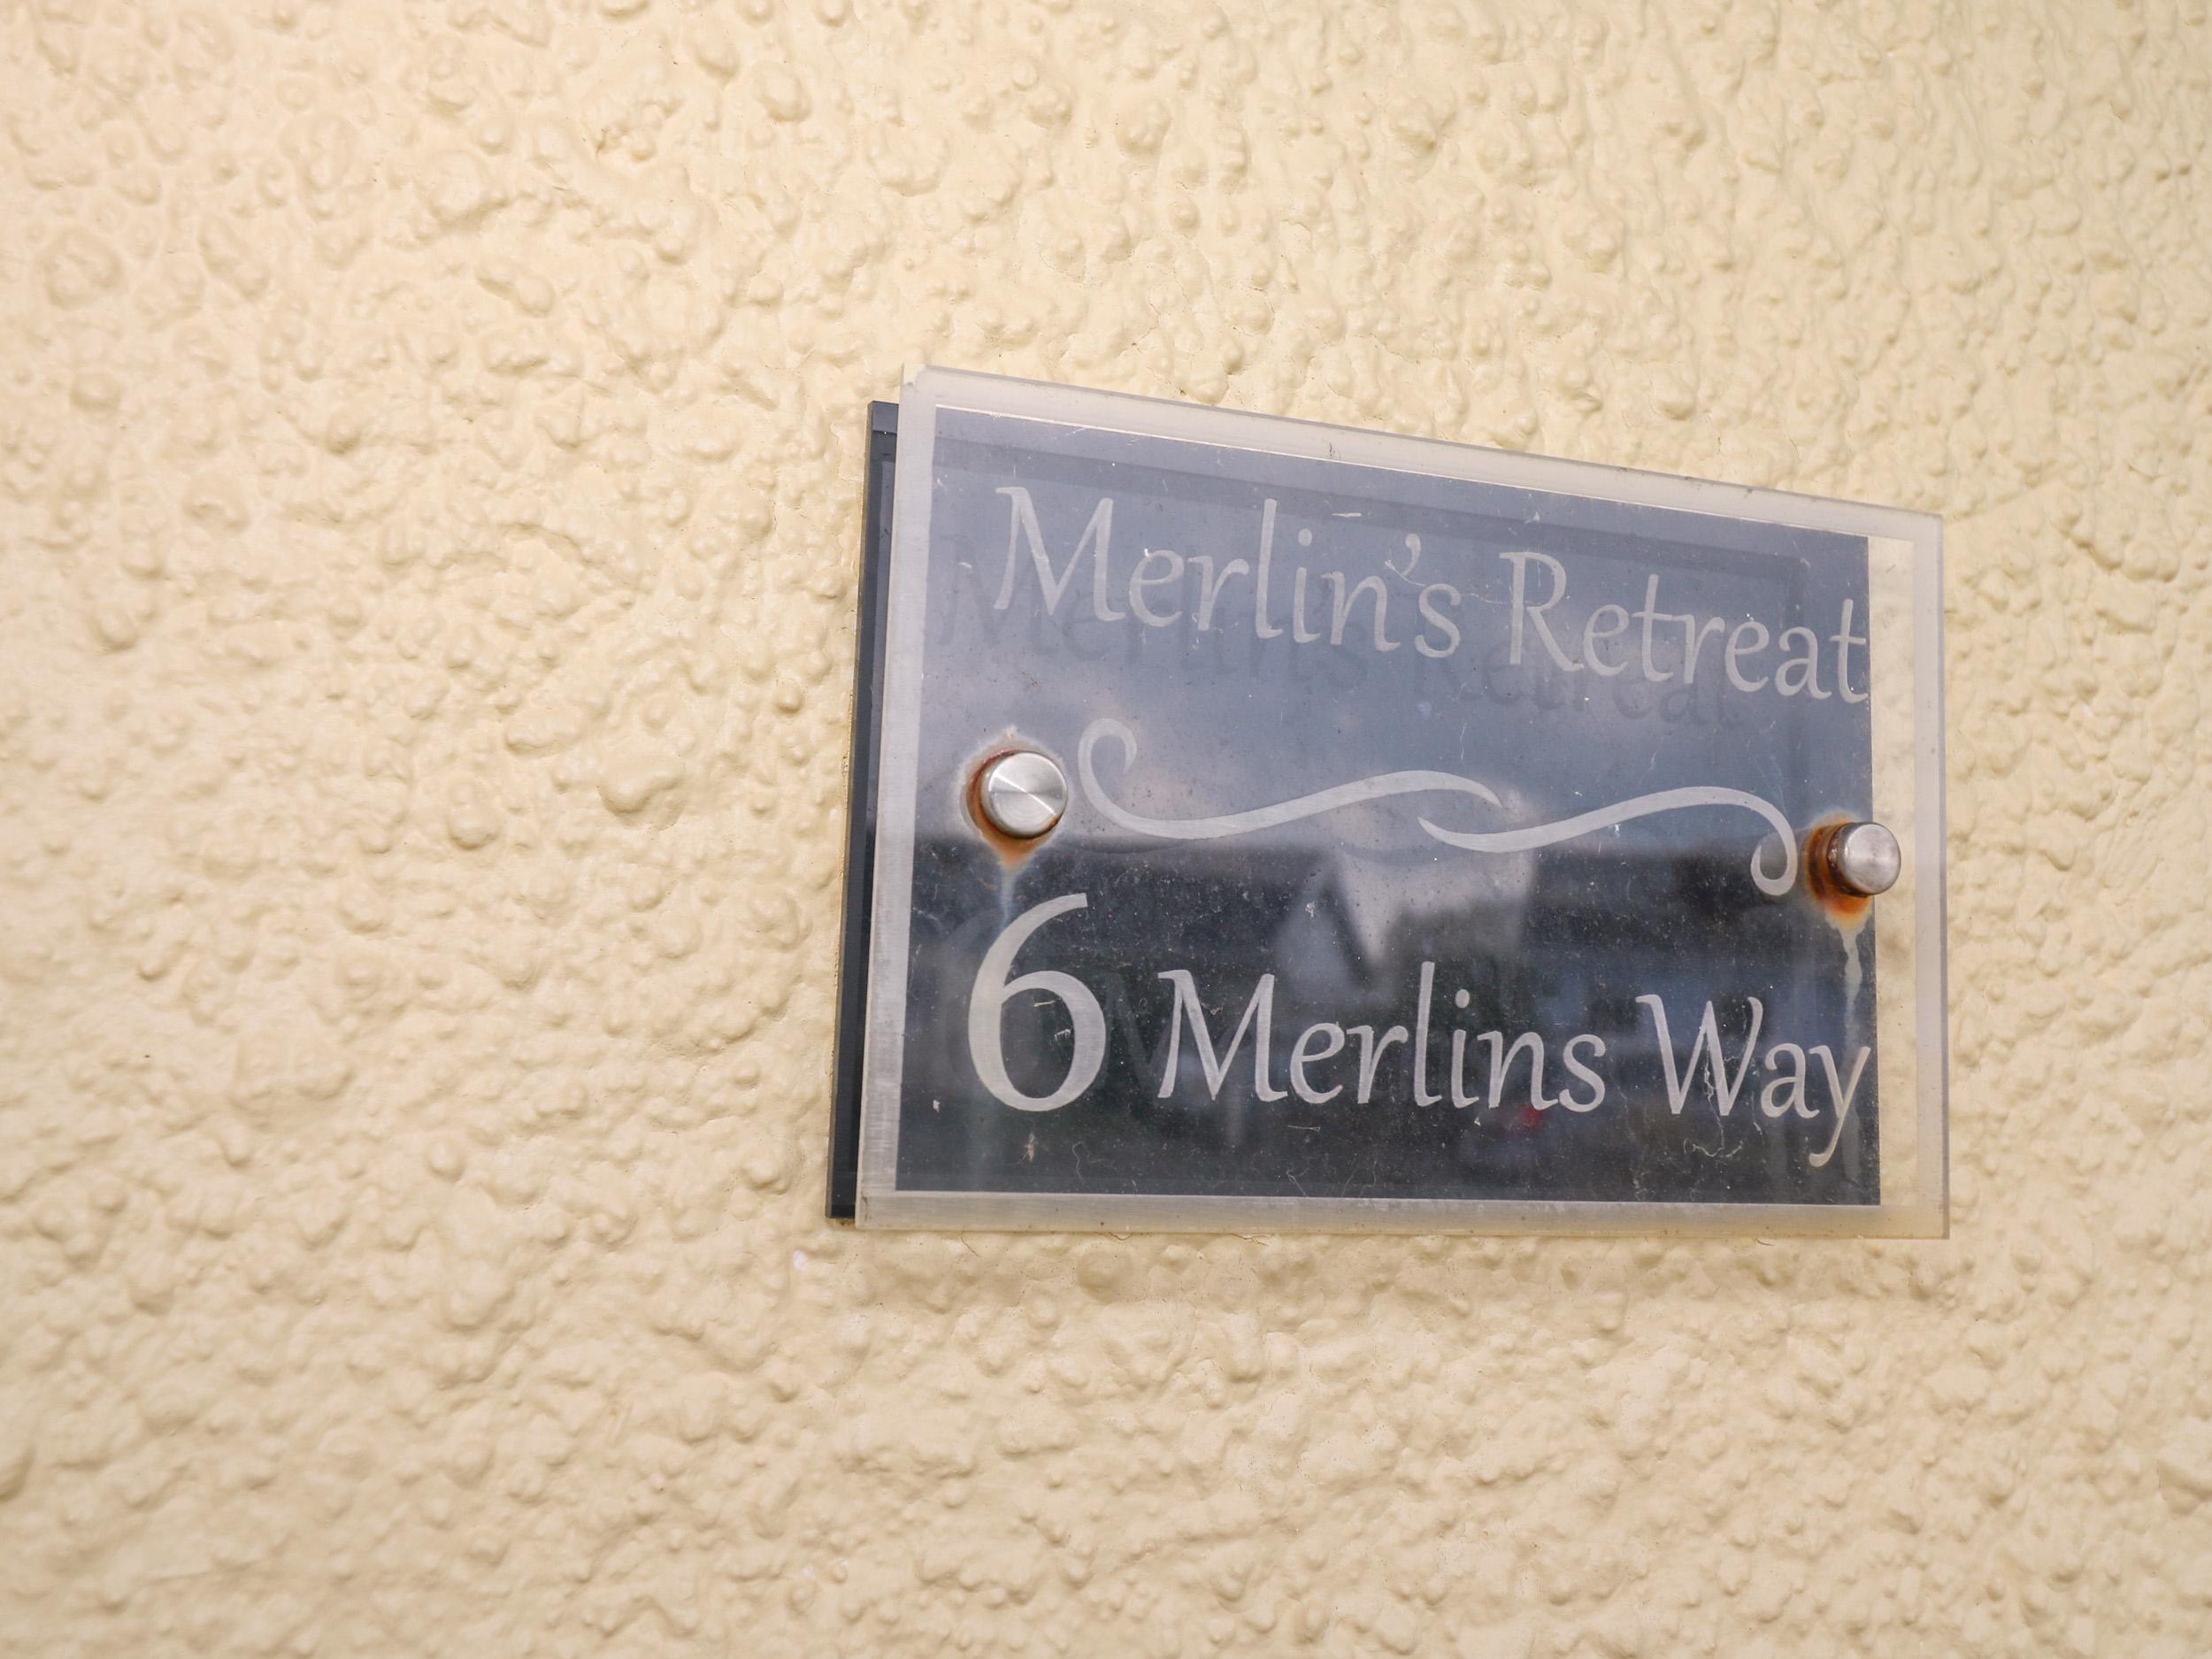 Merlin's Retreat